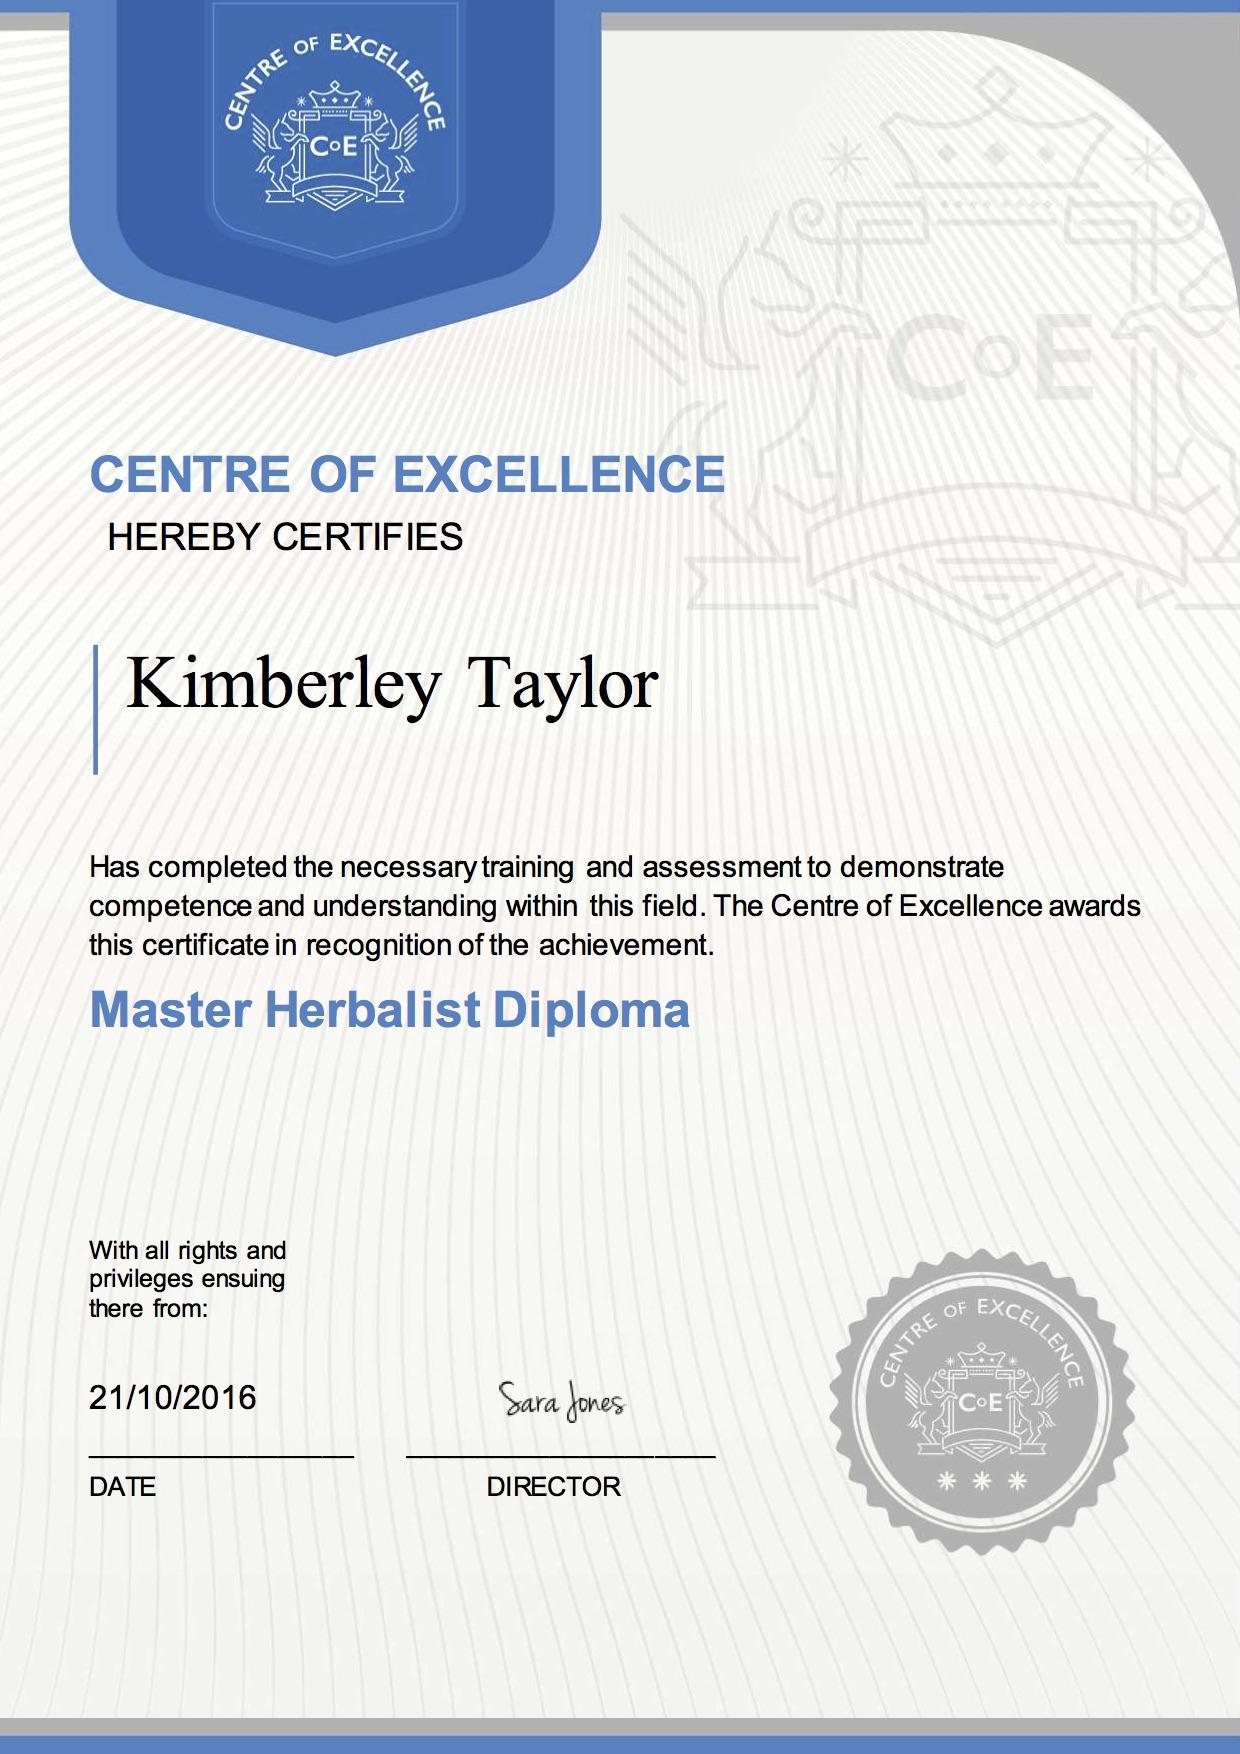 Master_Herbalist_Diploma_Kimberley_Taylor